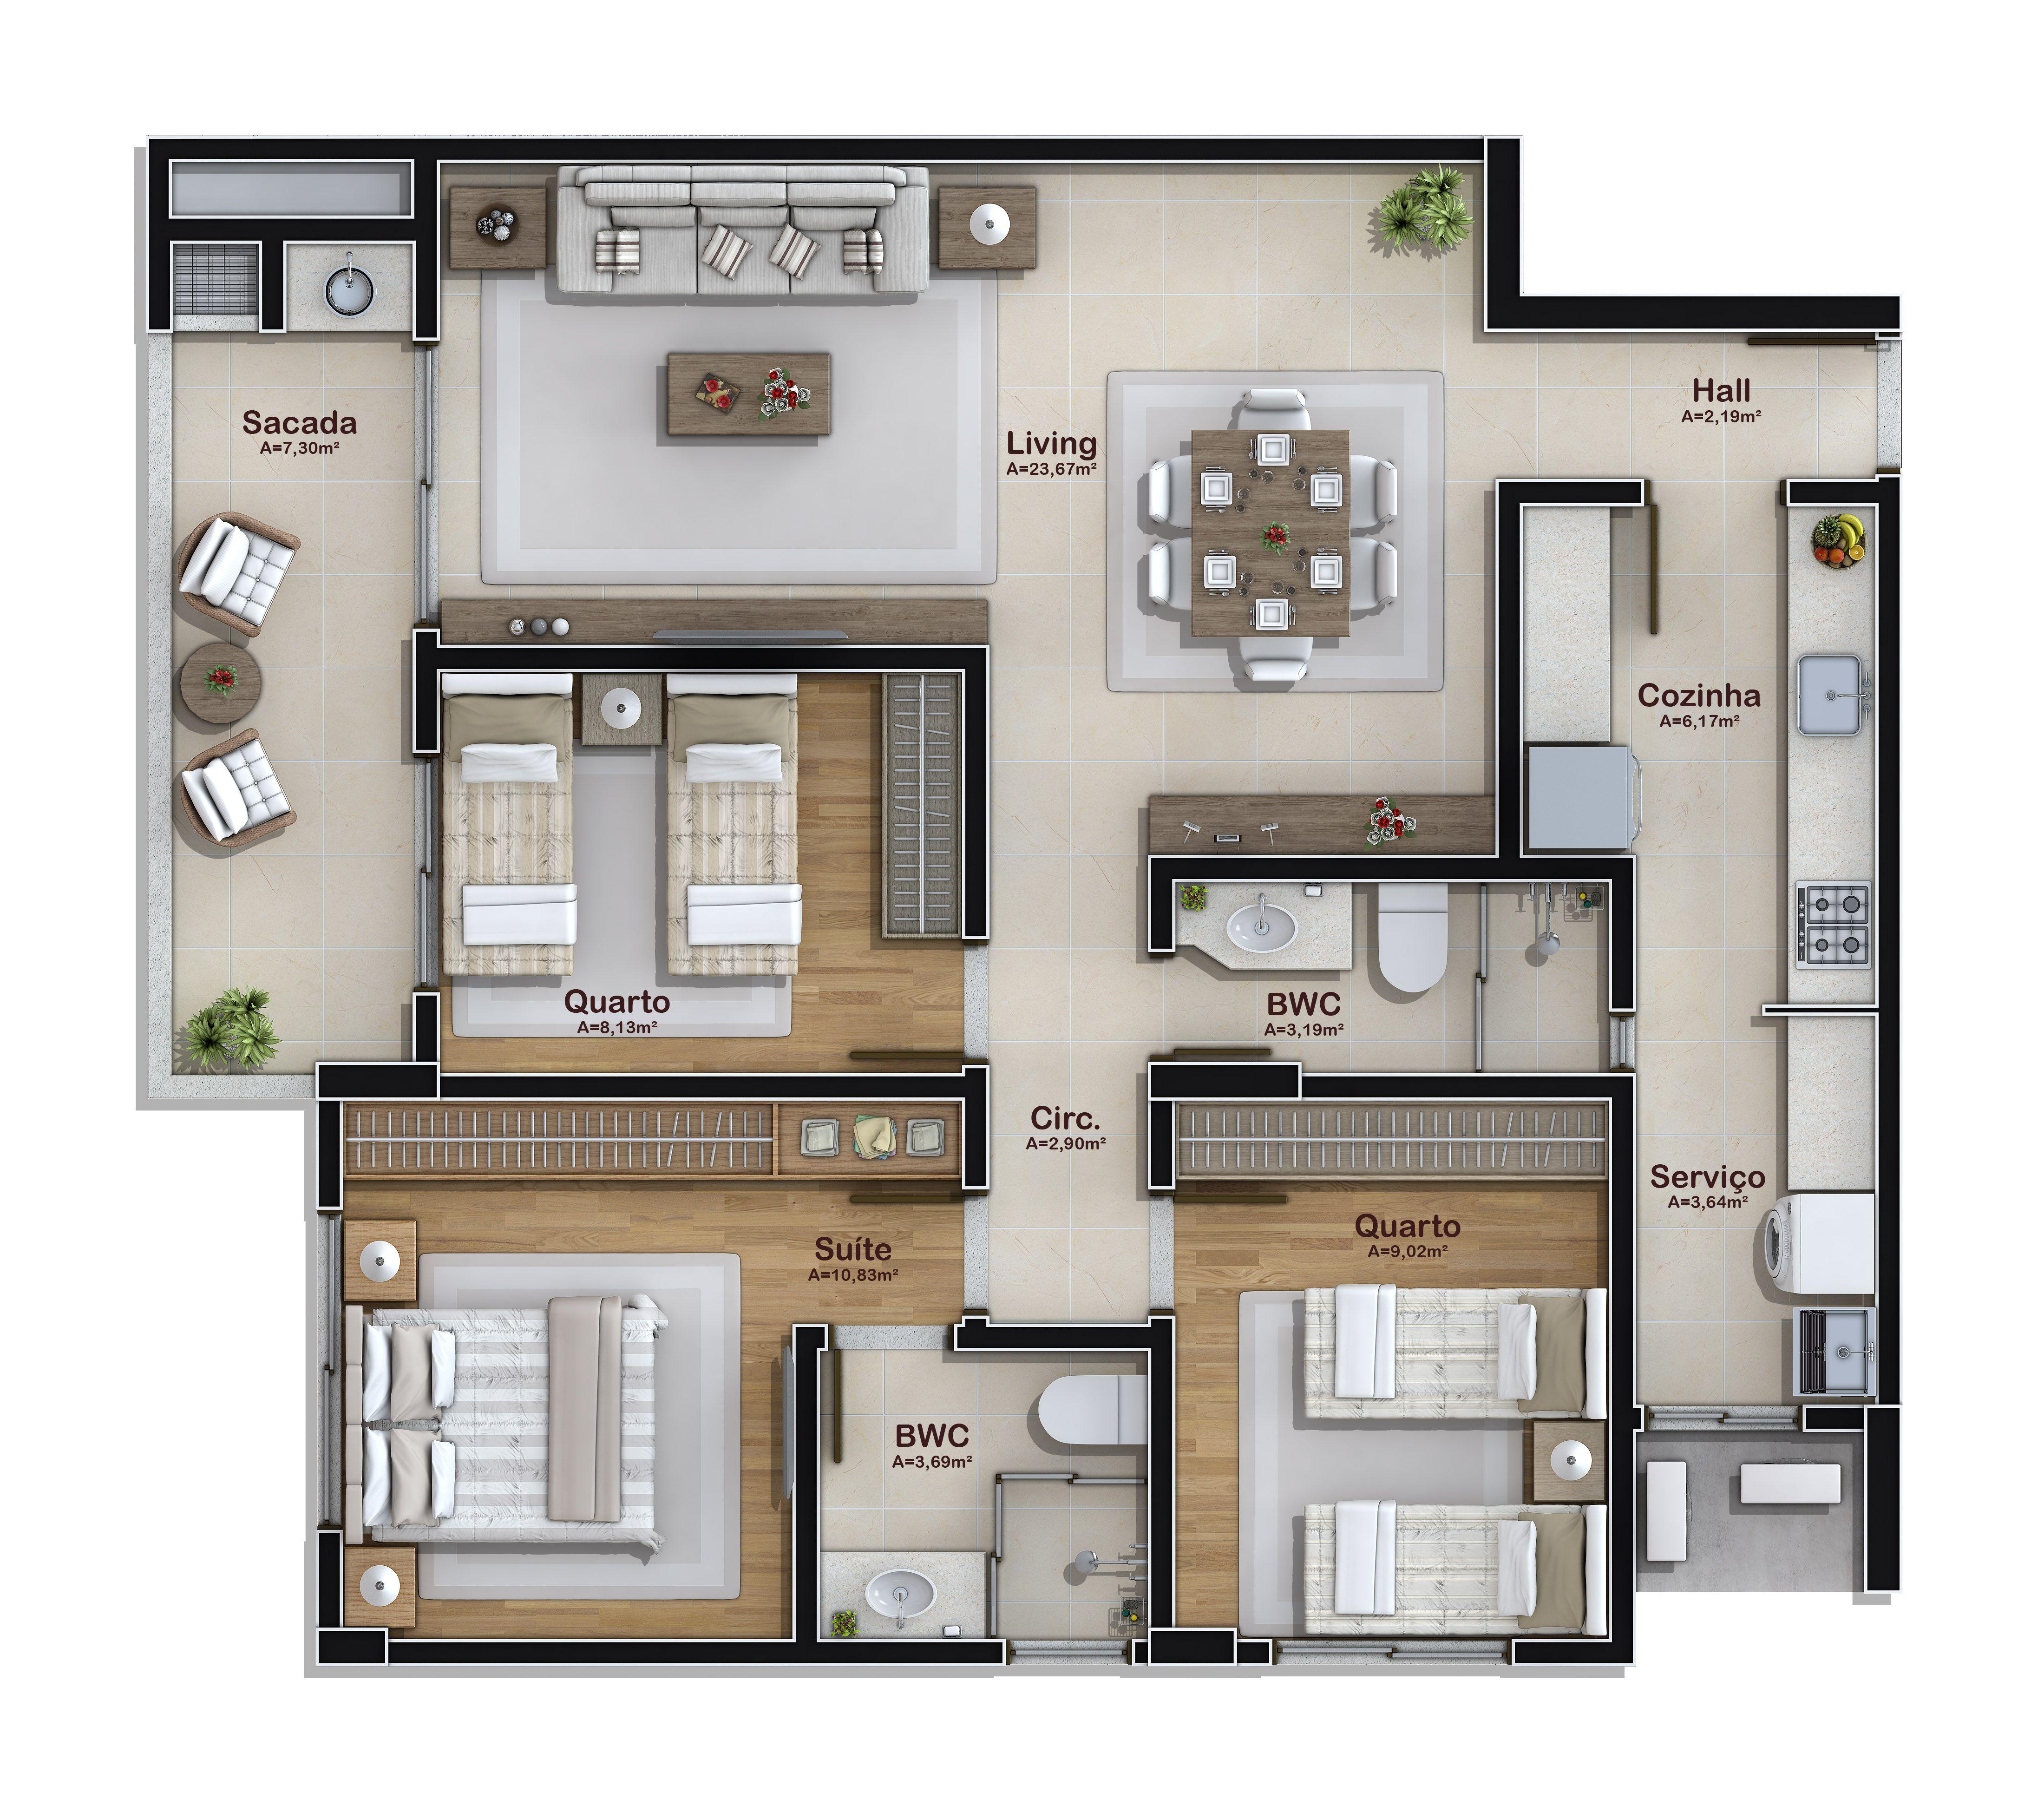 Plano casa moderna 90m2 best planos de casas modernas for Casa minimalista 90m2